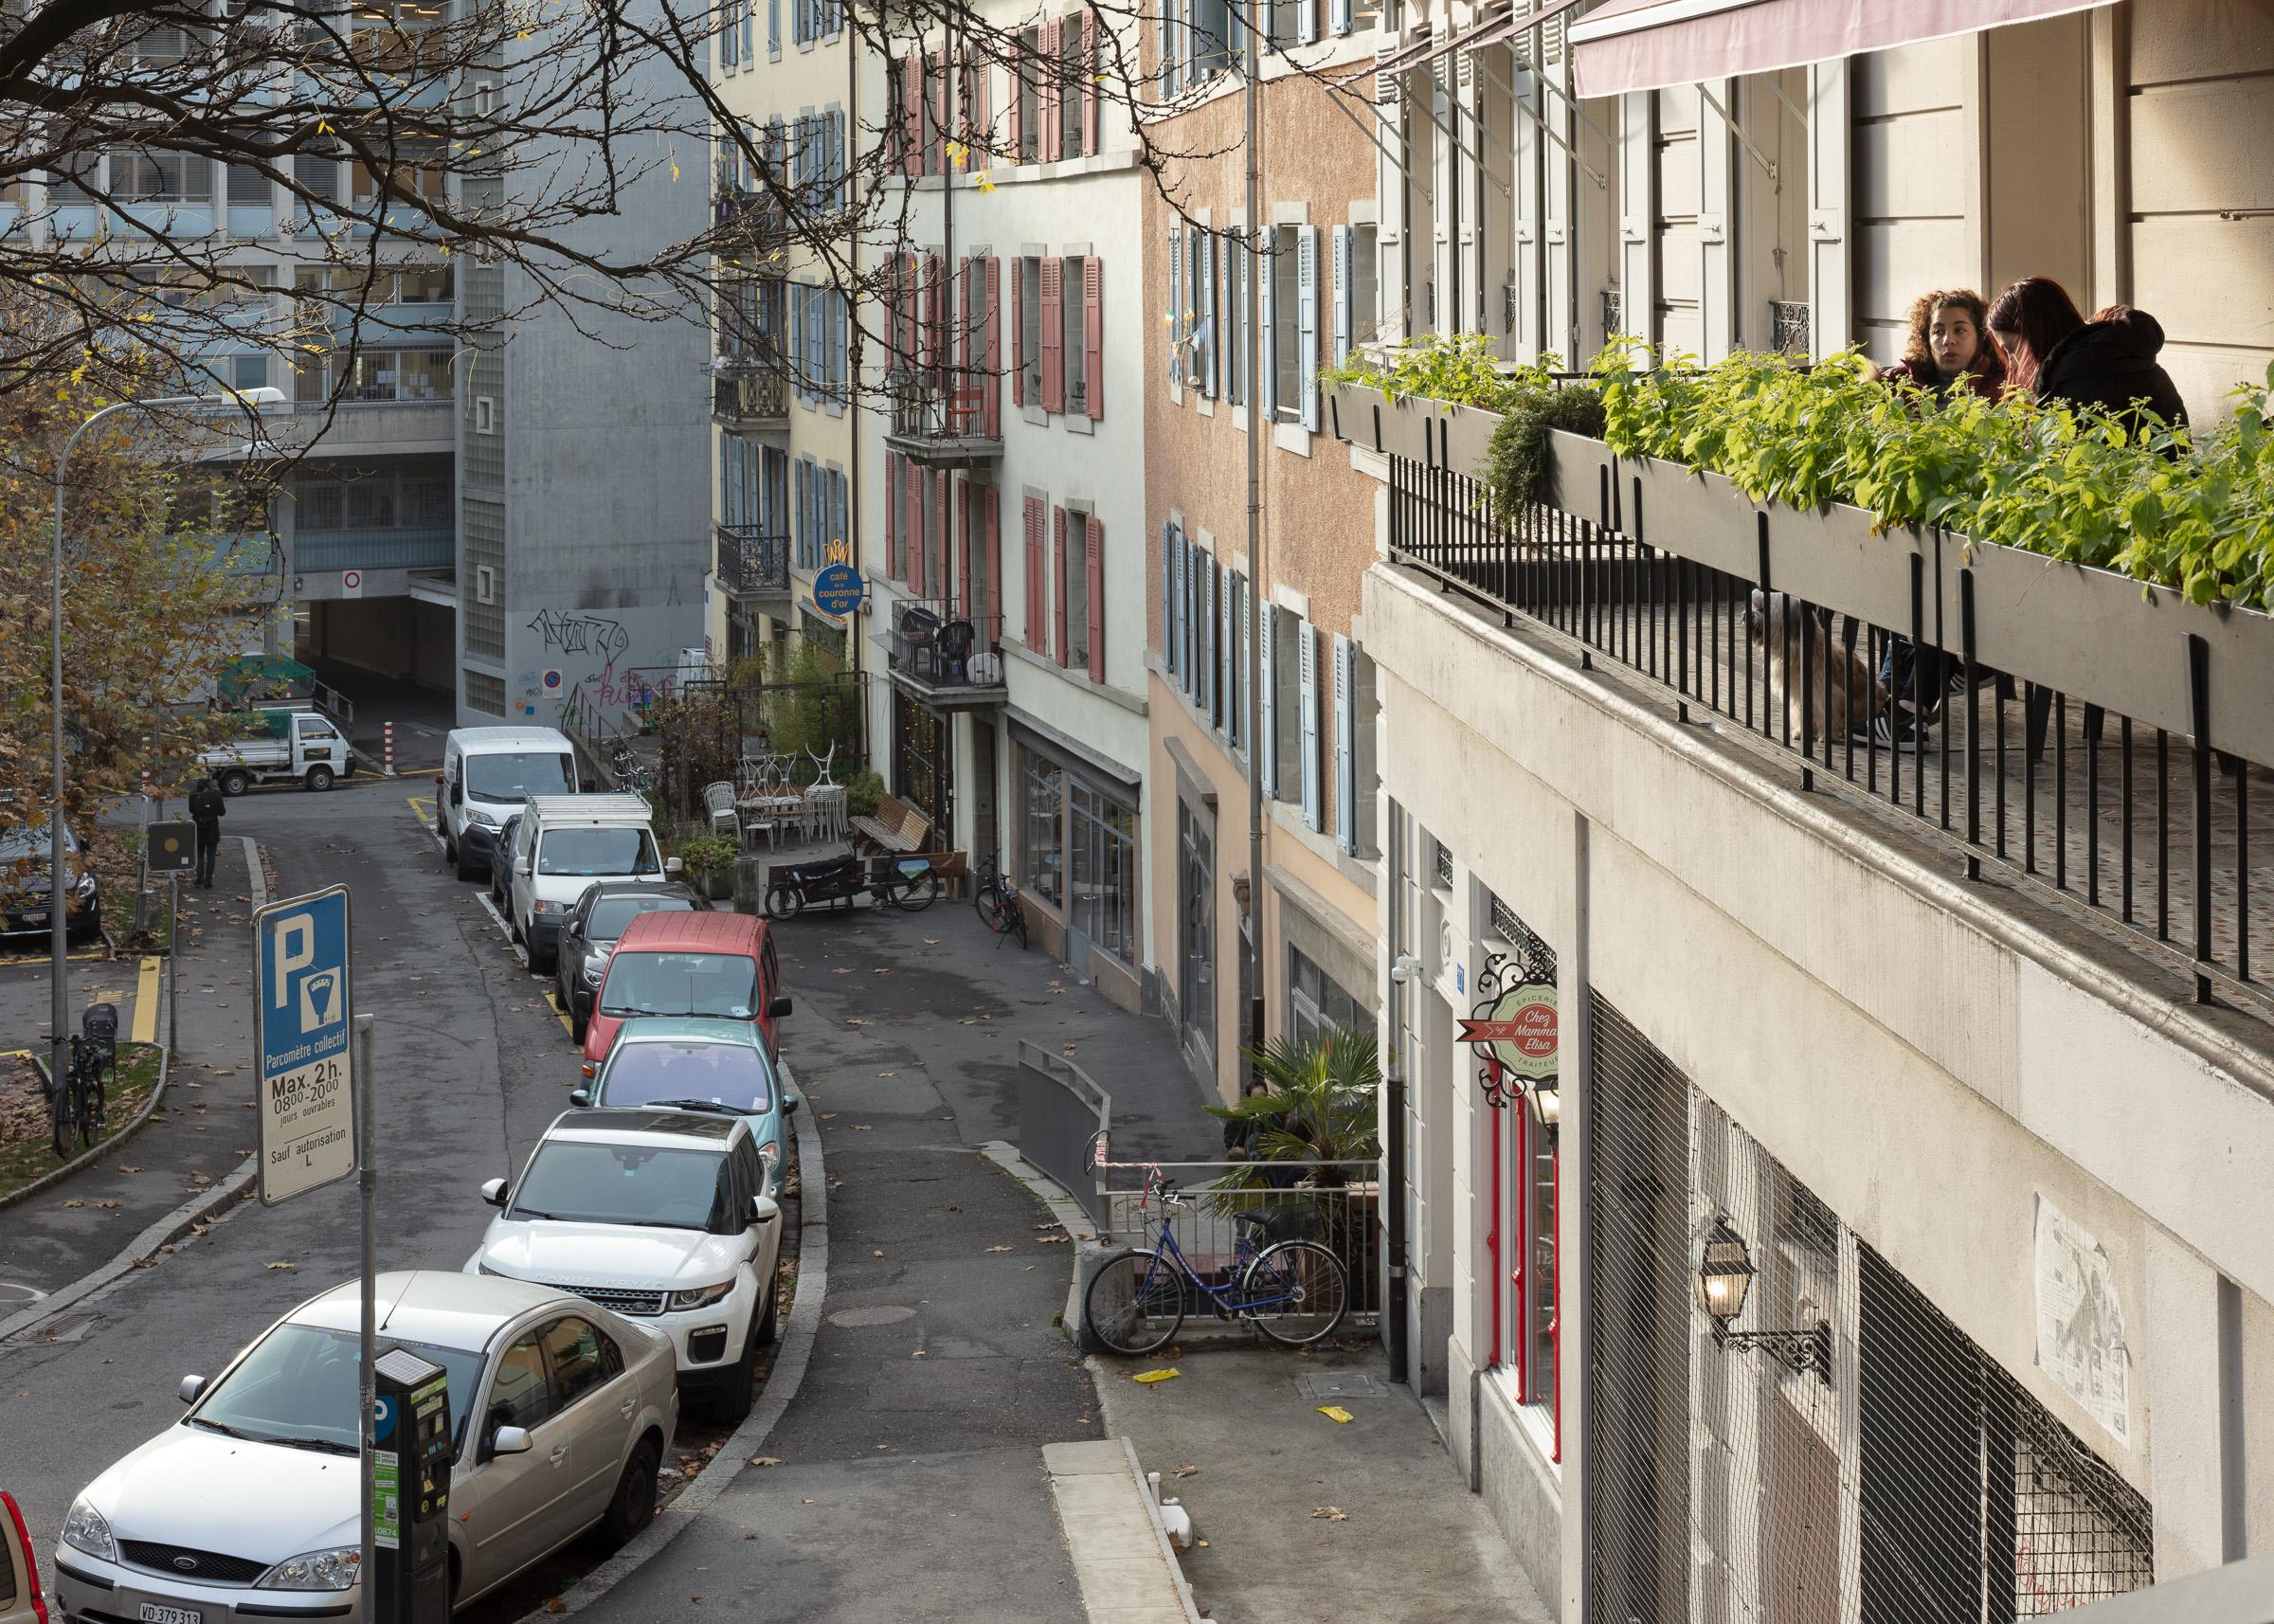 Lausanne (VD), 02.12.19